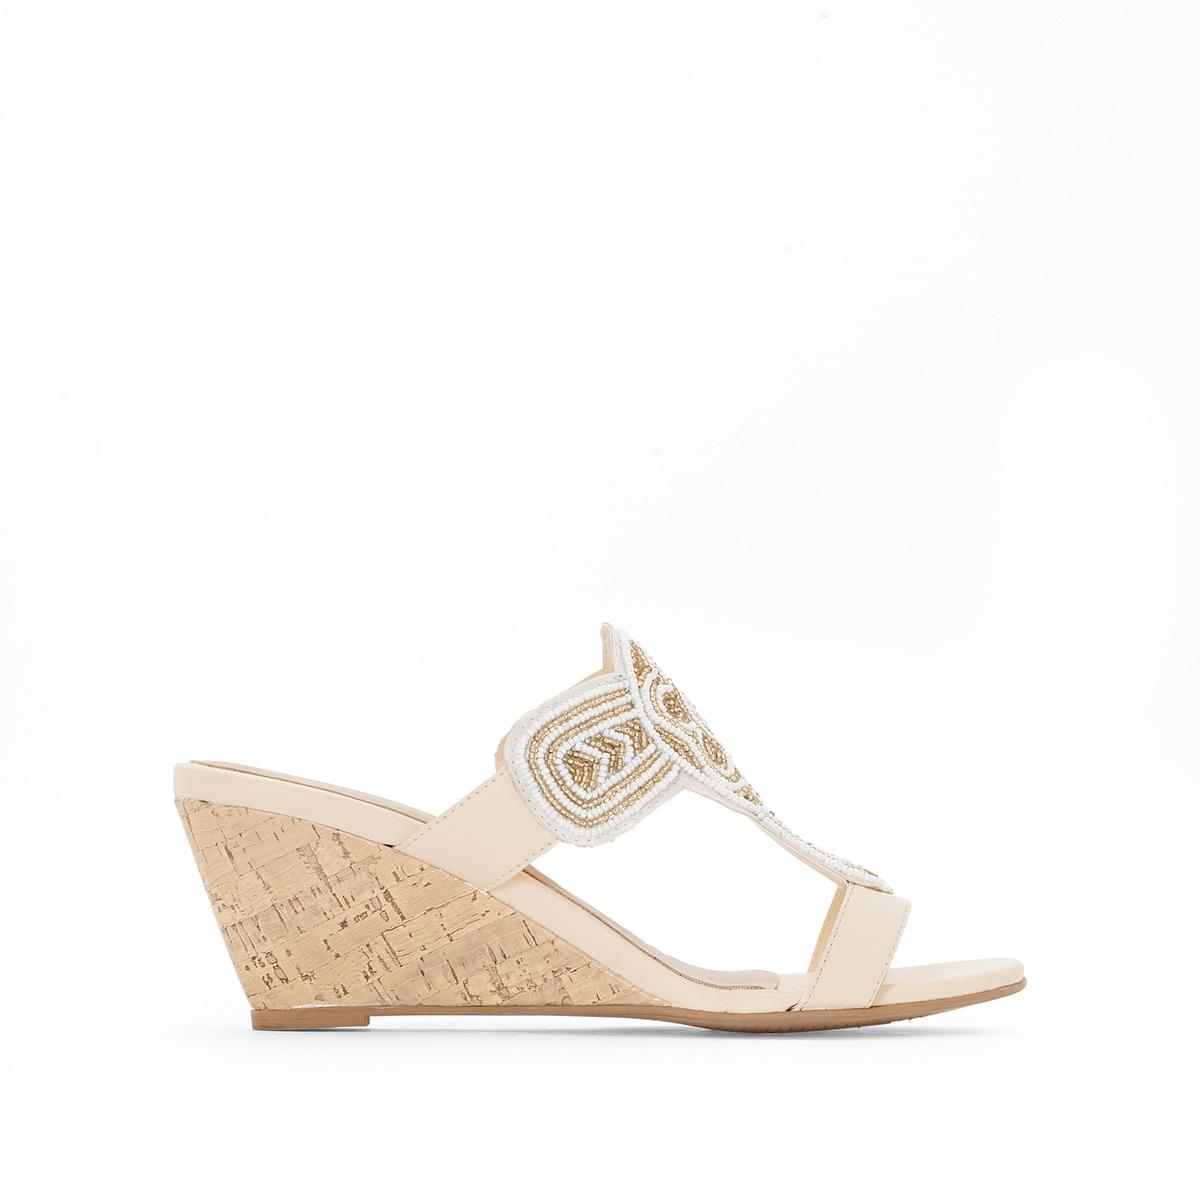 Туфли без задника кожаные вьетнамки кожаные